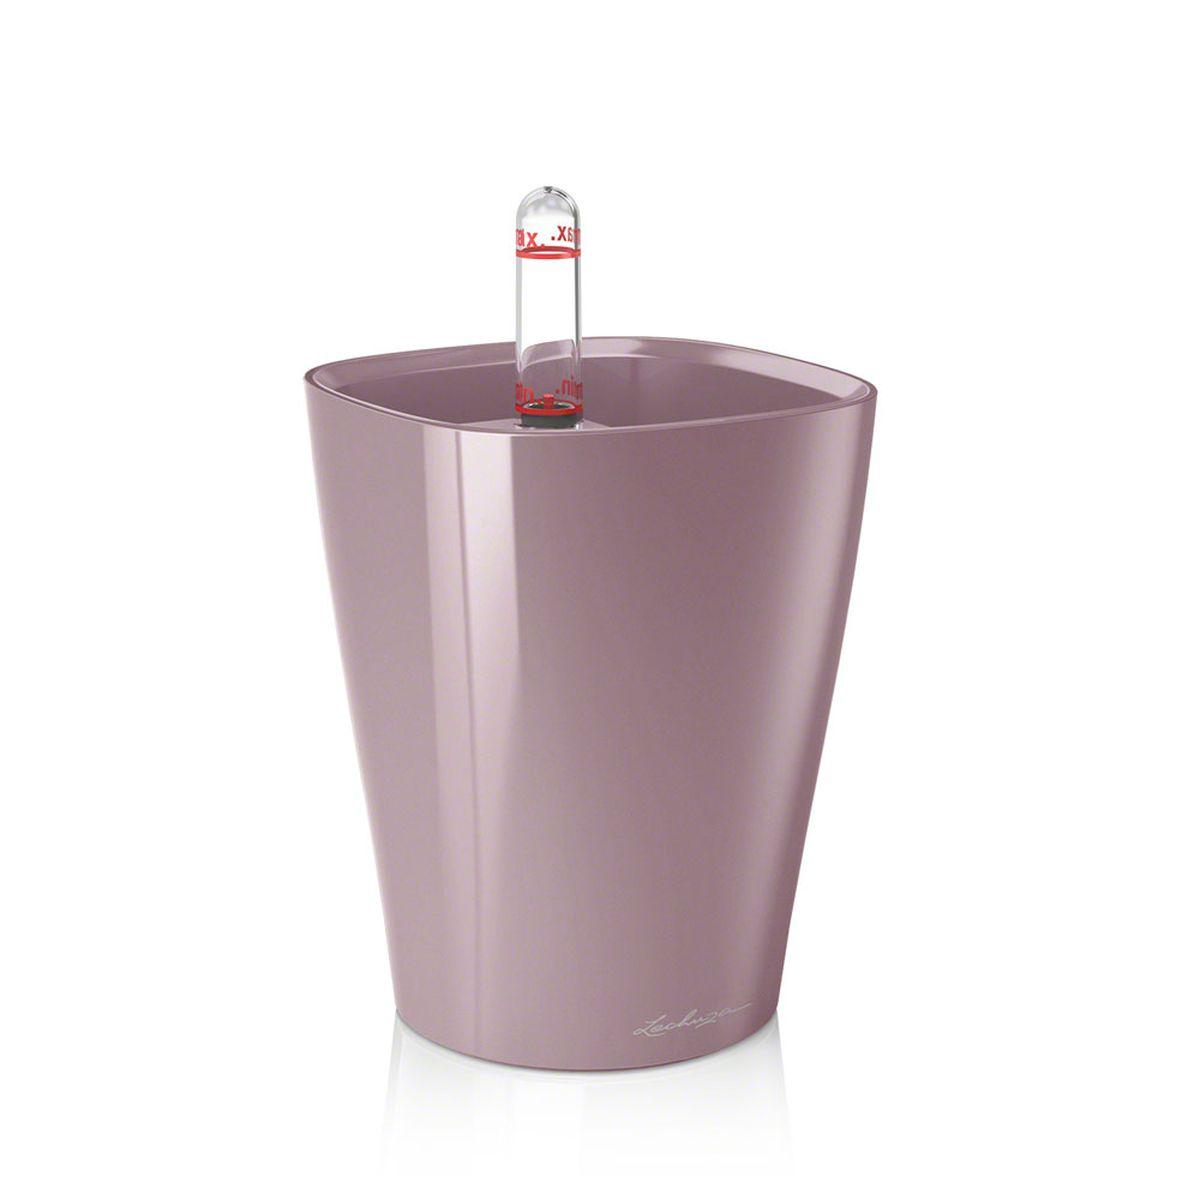 """Кашпо Lechuza """"Mini Deltini"""", изготовленное из  высококачественного пластика, идеальное решение для тех,  кто регулярно забывает поливать комнатные растения.  Стильный дизайн позволит украсить растениями дом, офис,  кафе или любое другое помещение.  Кашпо Lechuza """"Mini Deltini"""" с системой автополива  упростит уход за вашими цветами и поможет растениям  получать то количество влаги, которое им необходимо в  данный момент времени.   В набор входит: кашпо, индикатор уровня воды, субстрат  растений в качестве дренажного слоя.   Кашпо Lechuza """"Mini Deltini"""" прекрасно впишется в любой  интерьер. Изделие поможет расставить нужные акценты, а  также придаст помещению вид, соответствующий вашим  представлениям."""